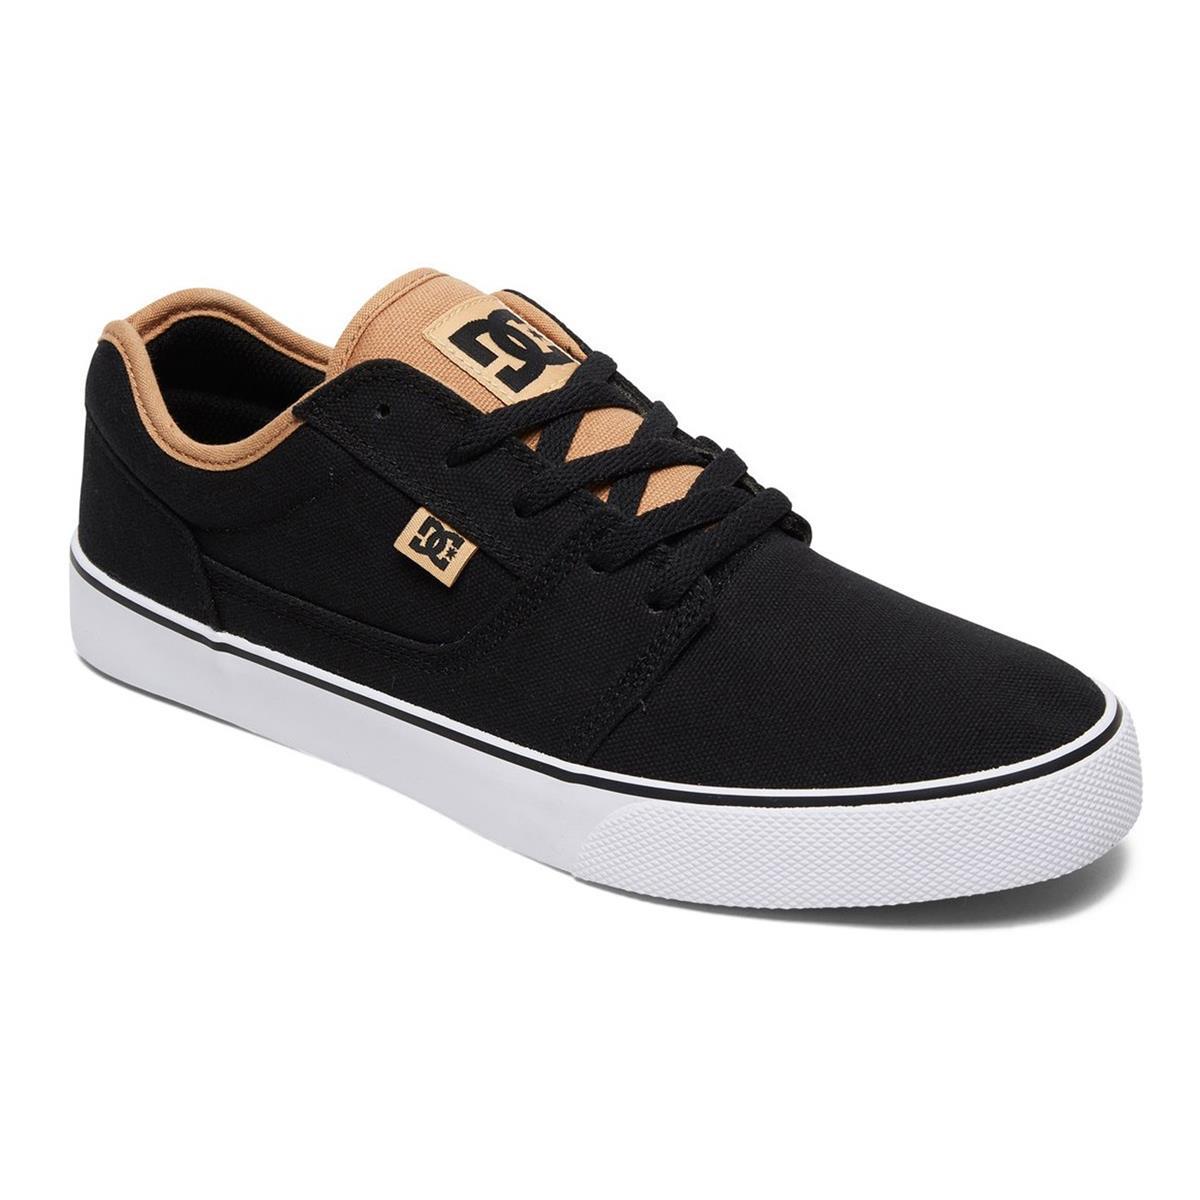 DC Schuhe Tonik TX Schwarz/Khaki